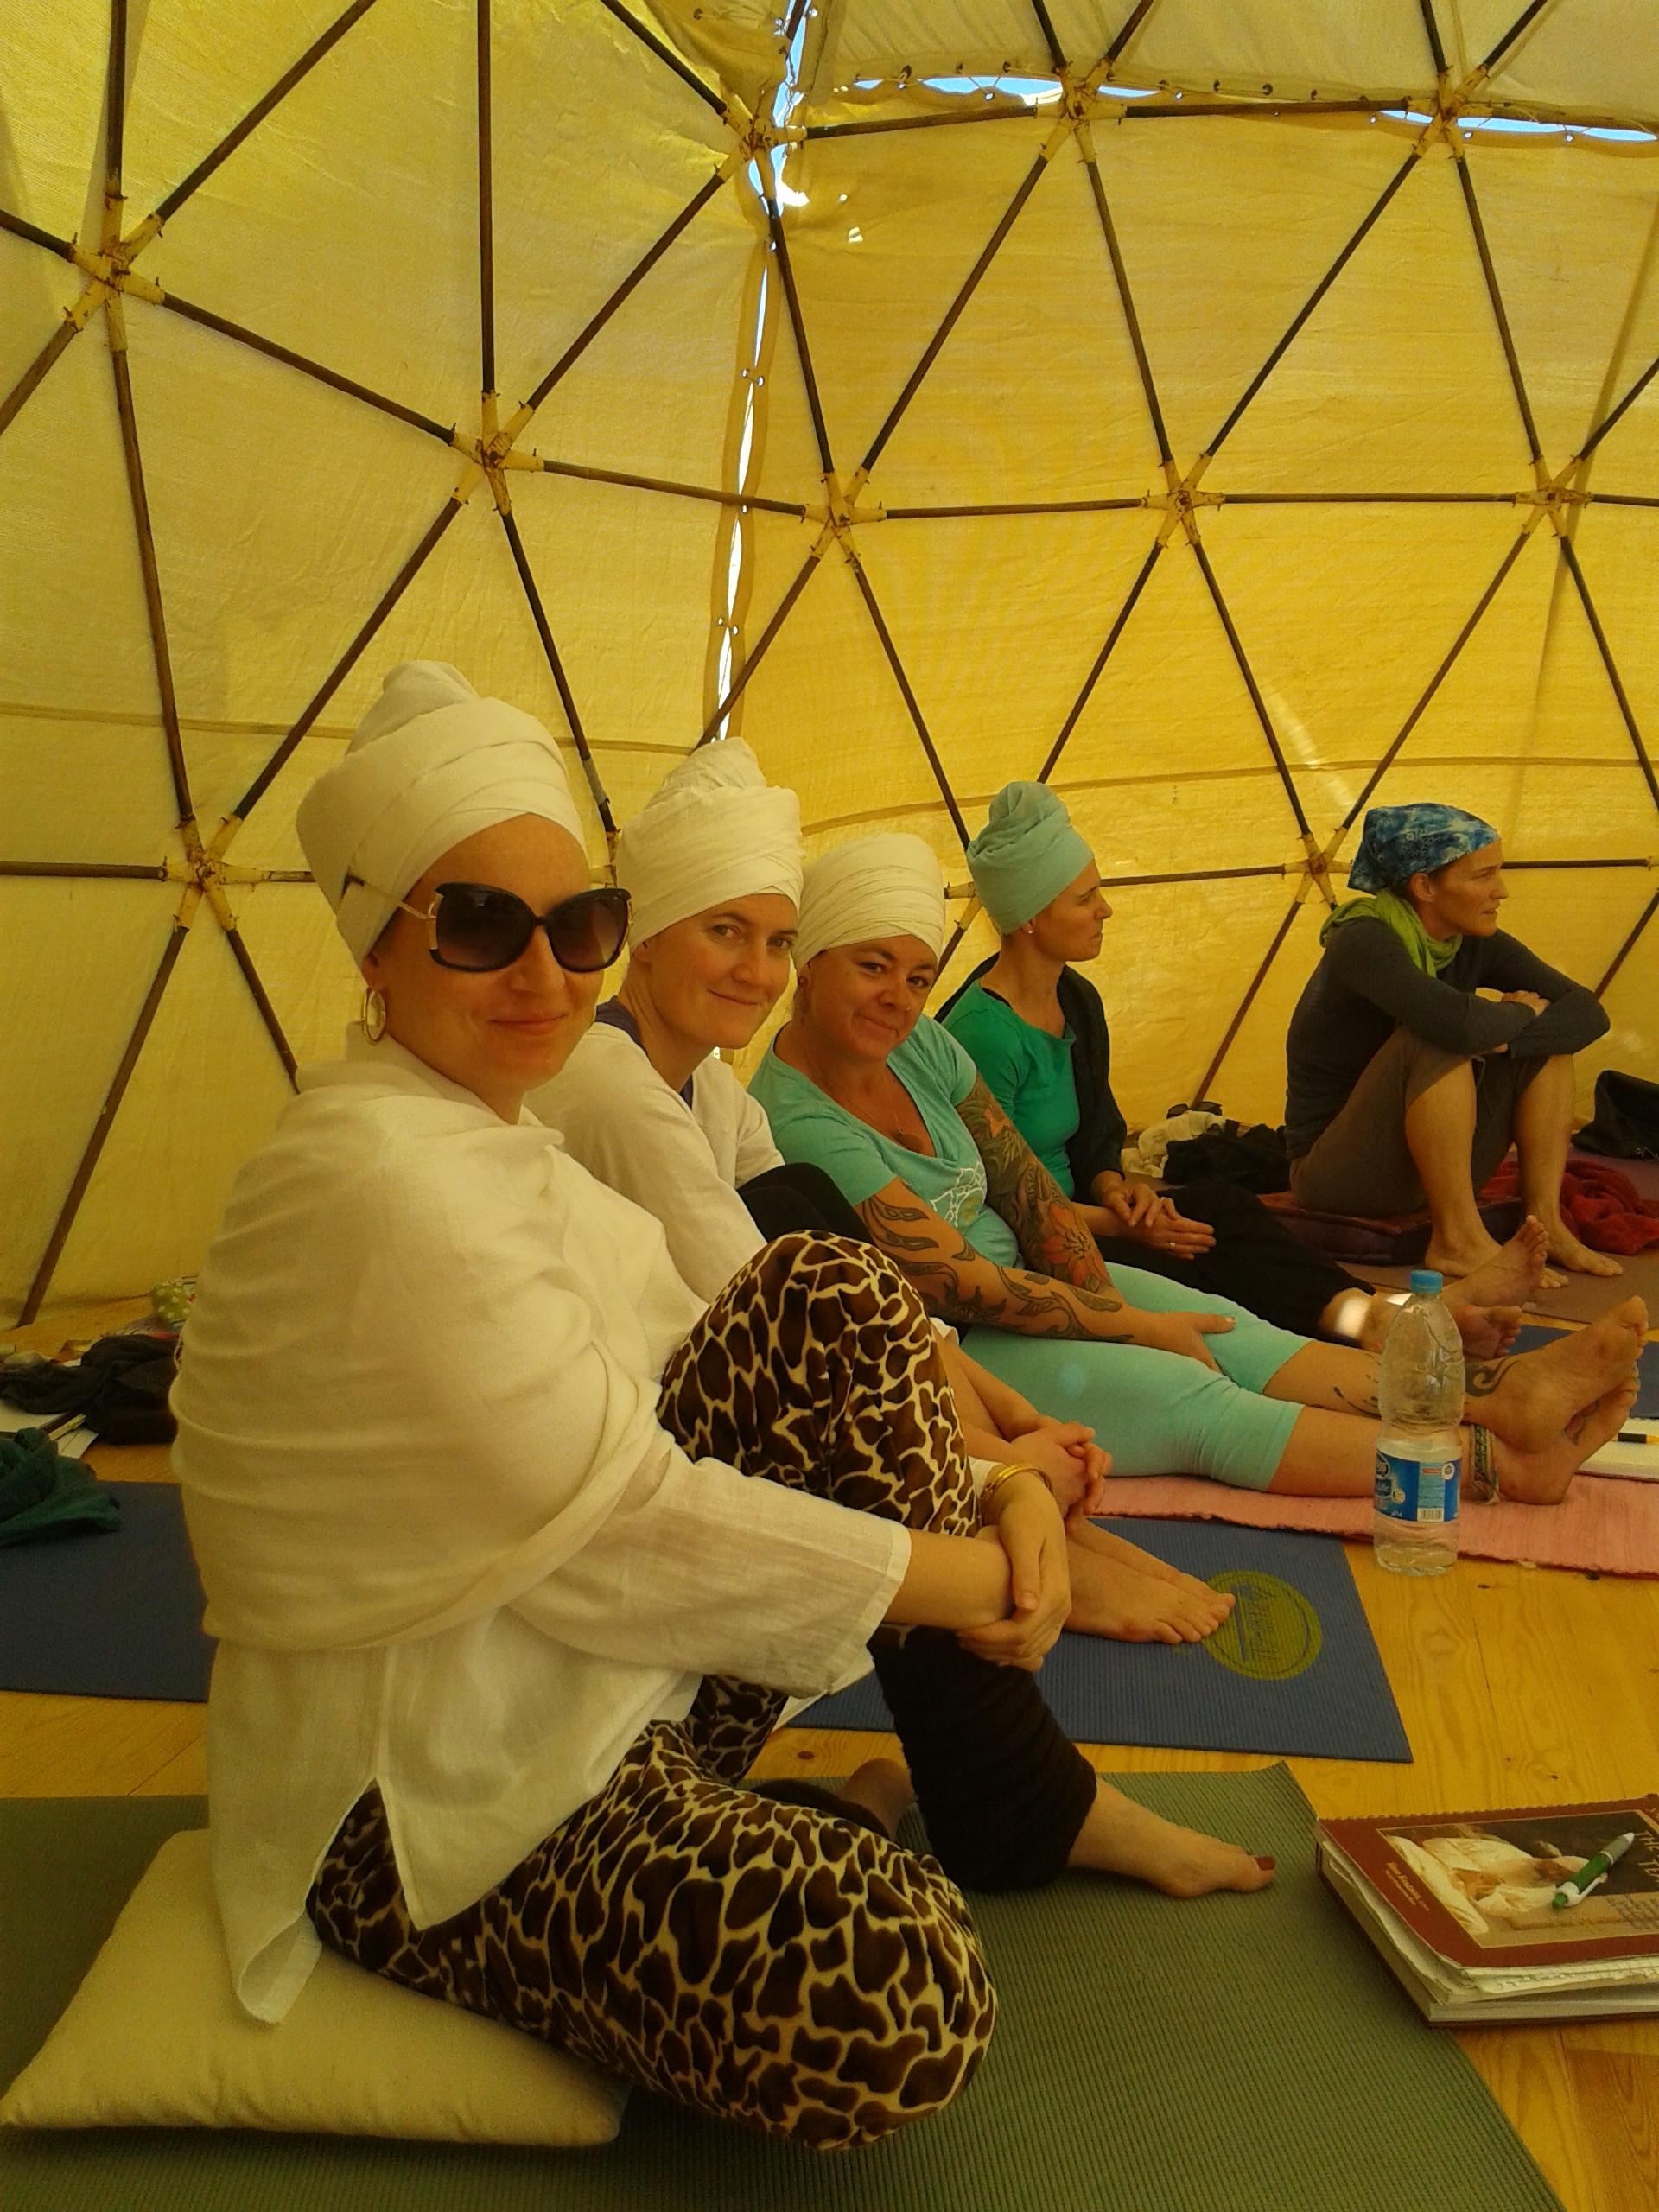 Try wearing a turban - it feels amazing!